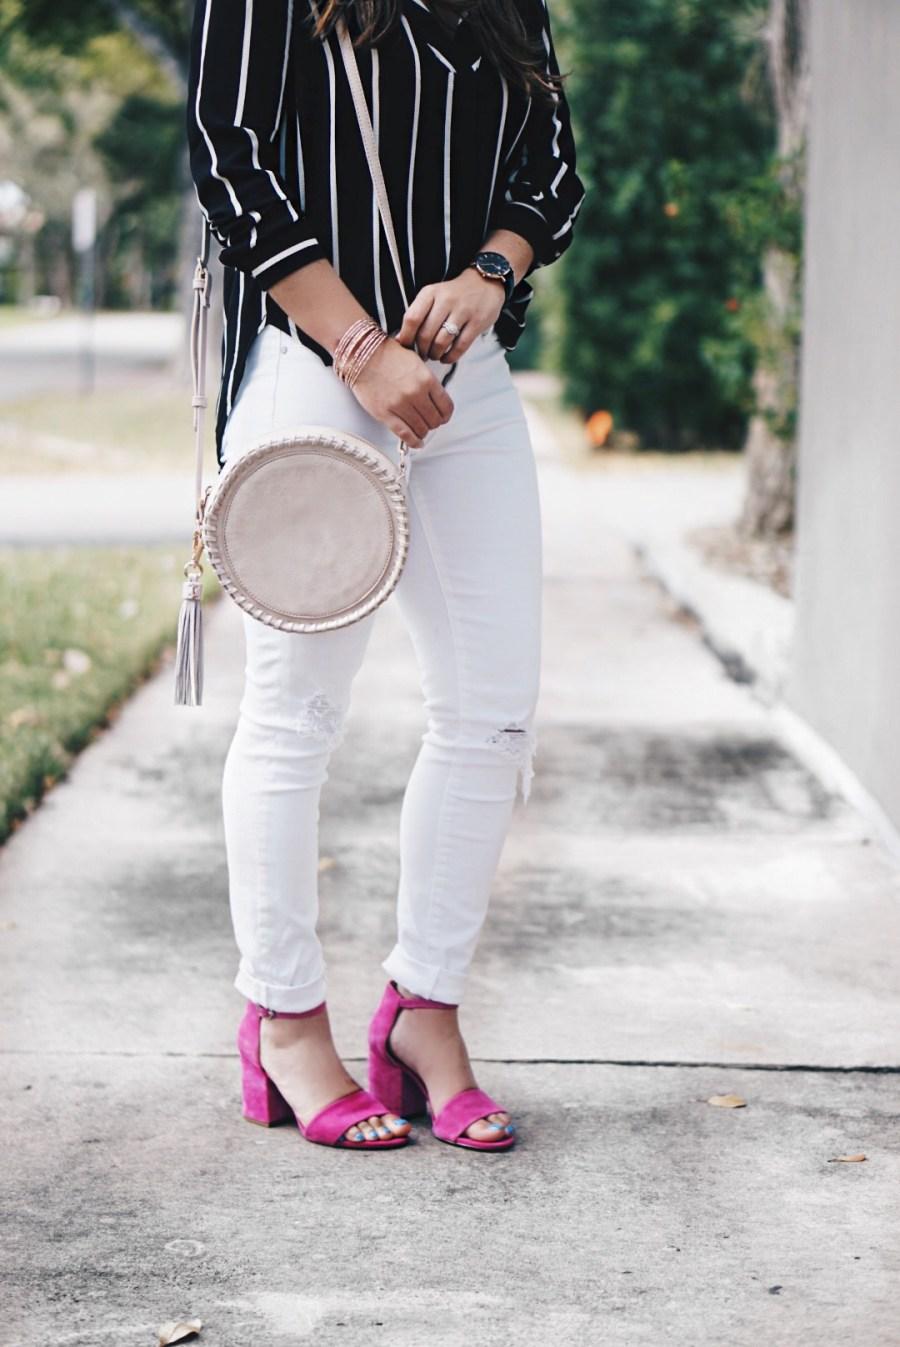 Sugar Love Chic blogger Krista Perez styles Sole Society Josa round cross body purse